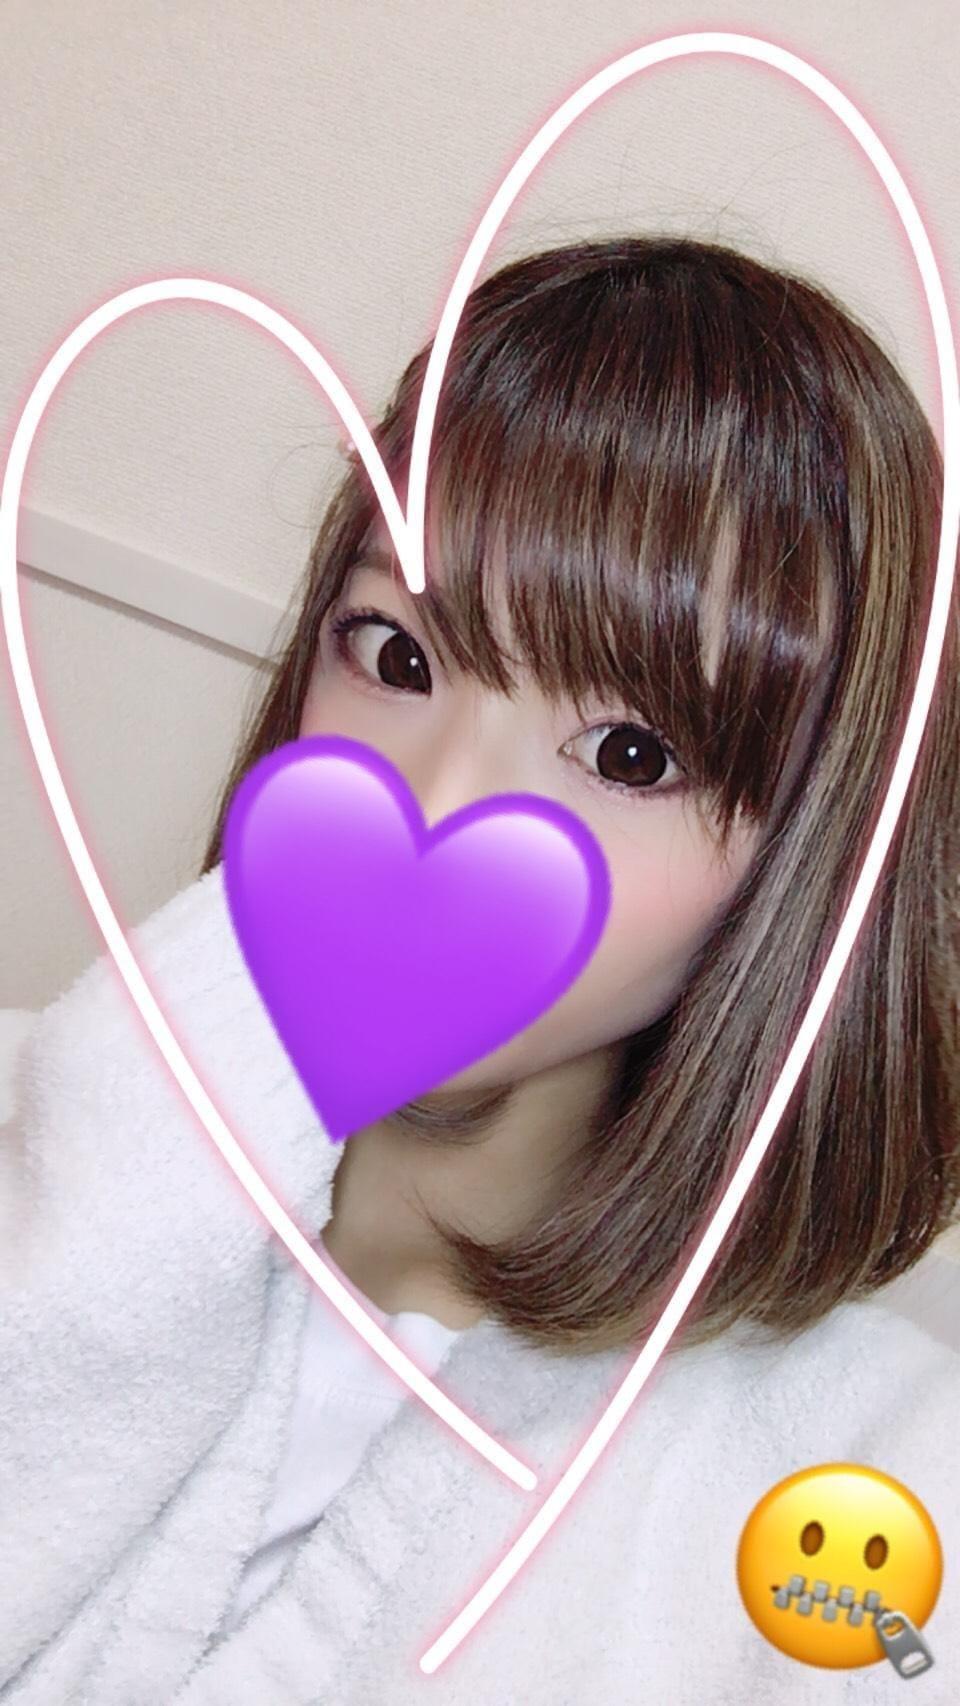 「紳士的なお兄様」10/09(火) 07:50 | SUZUKAの写メ・風俗動画